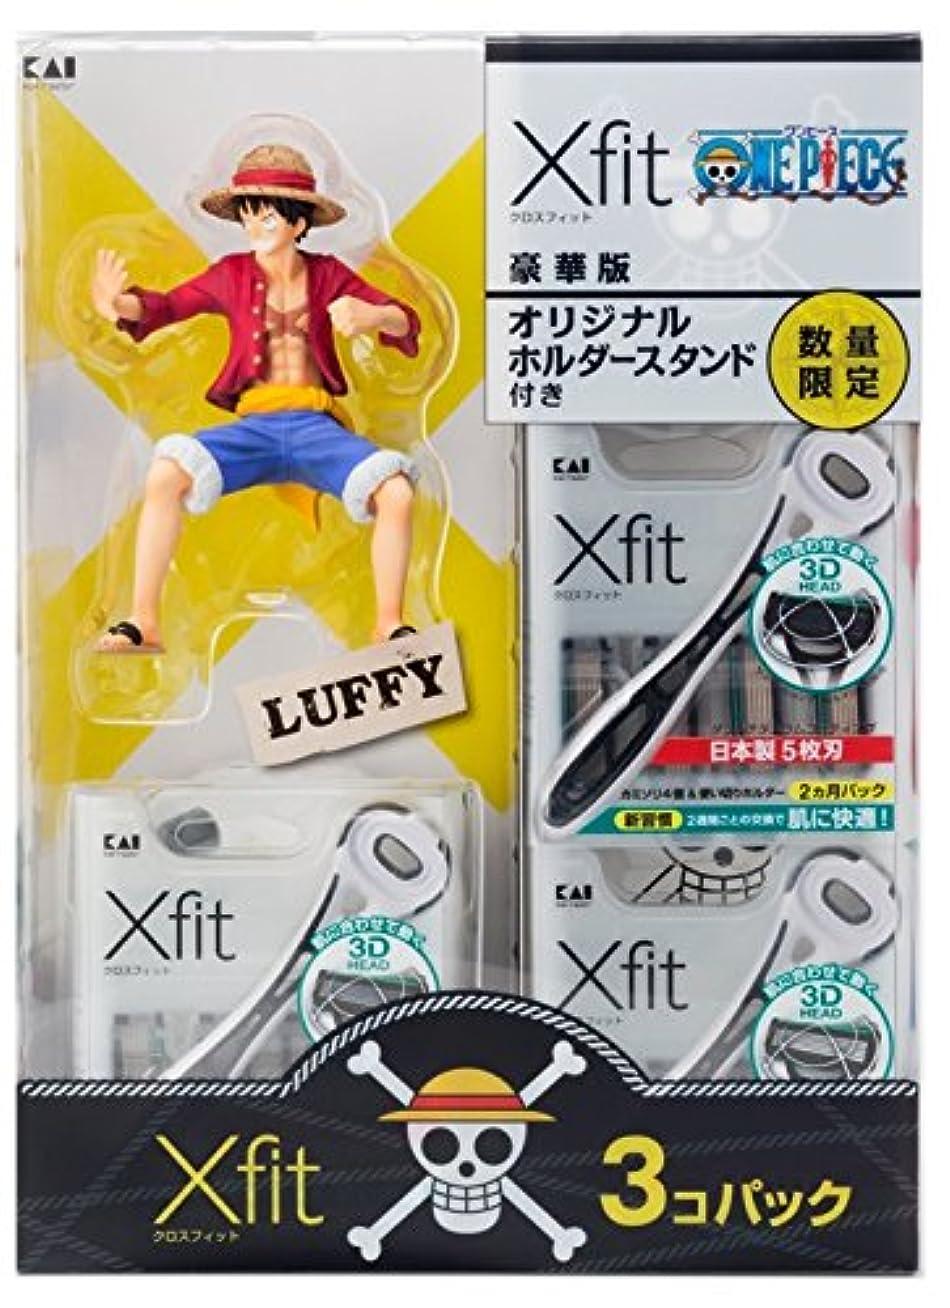 絶えずギャップ裁定Xfit(クロスフィット)5枚刃カミソリ ワンピース企画第1弾3コパック+オリジナルホルダースタンド(ルフィ)